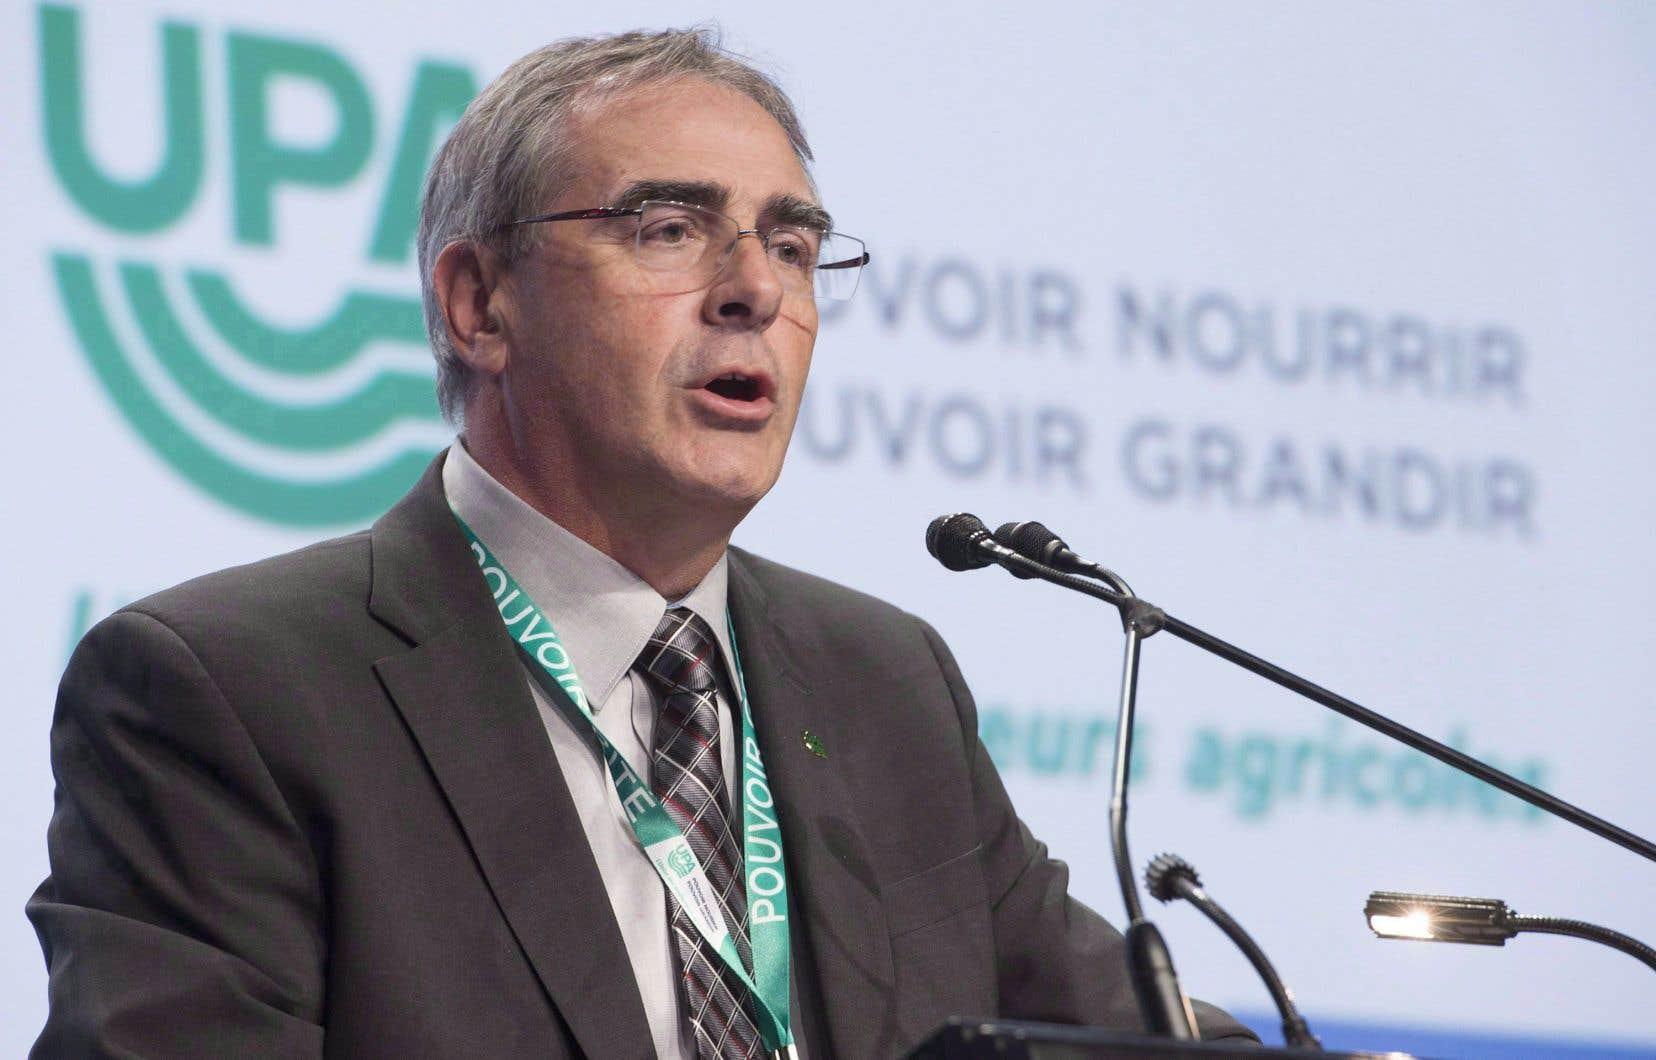 Le président de l'Union des producteurs agricoles, Marcel Groleau